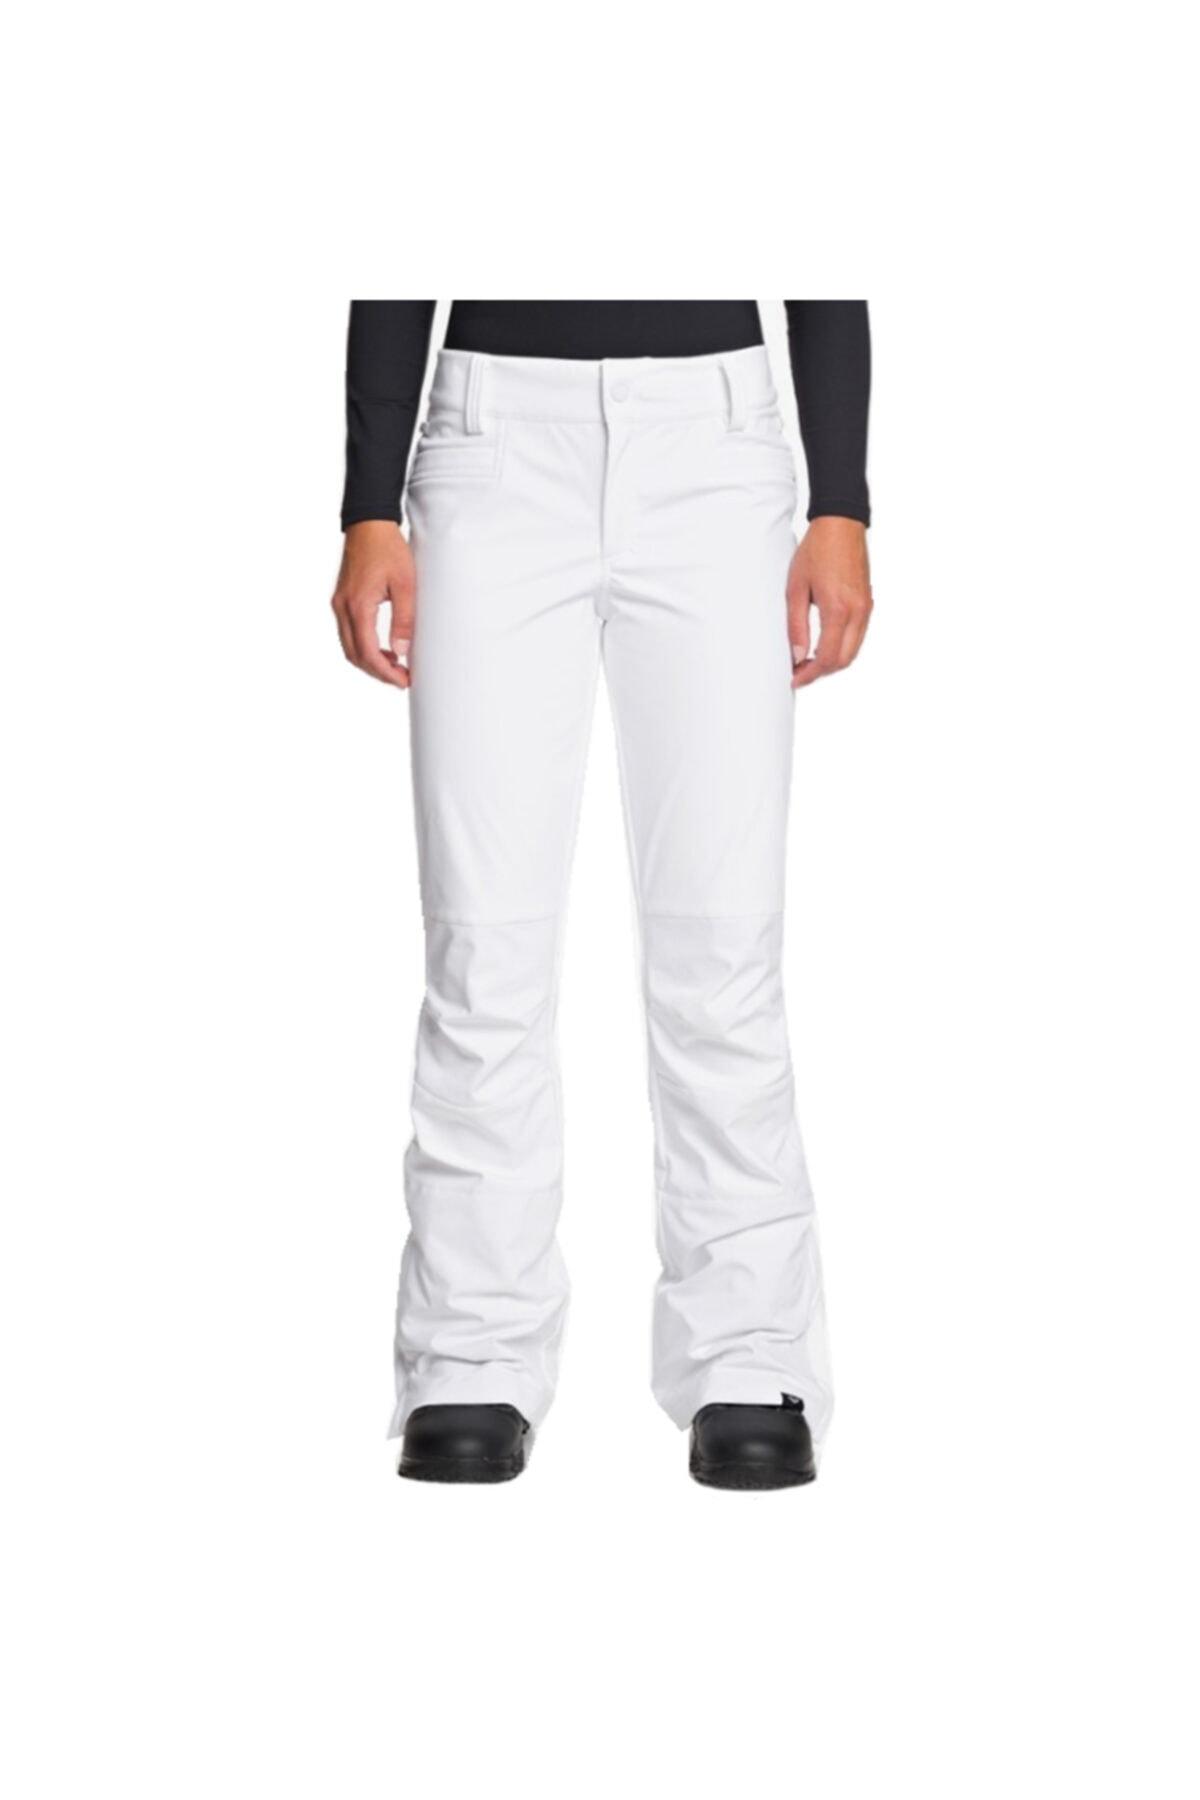 Roxy Kadın Beyaz Creek Kayak Pantolon 1